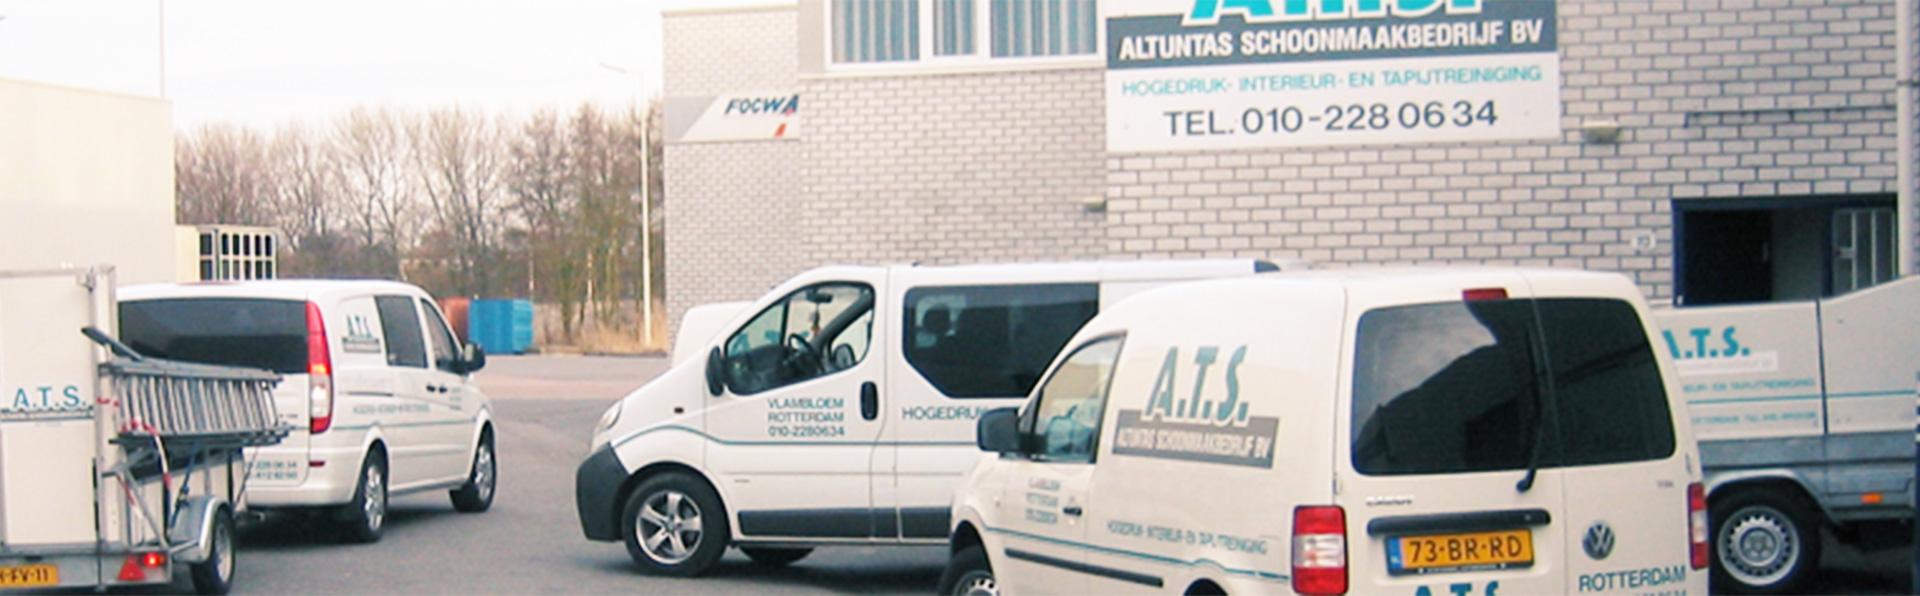 Schoonmaakbedrijf-Haarlem-ATS-header